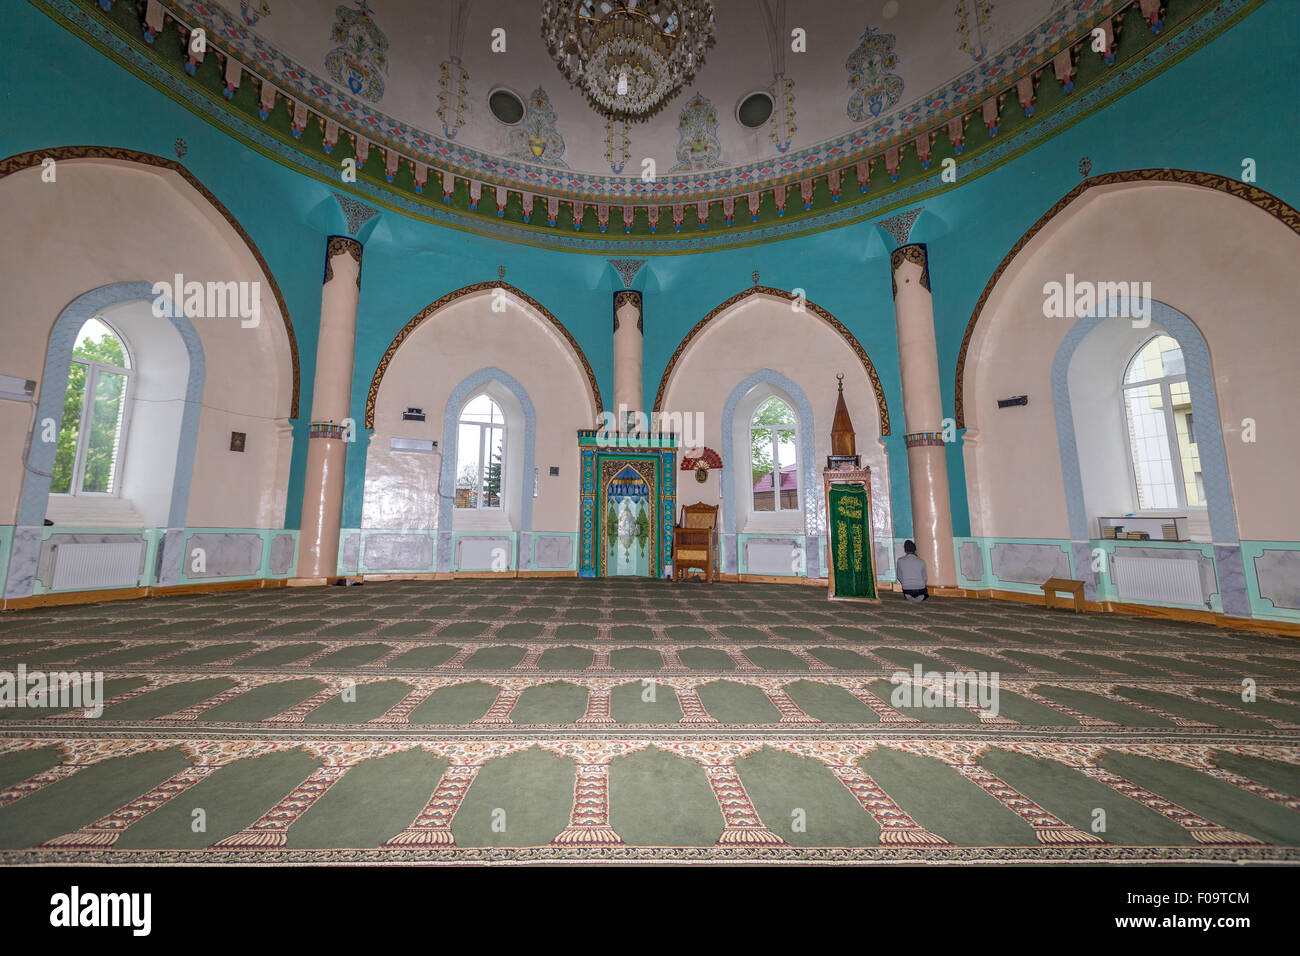 man praying Juma Mosque  Quba Azerbaijan - Stock Image